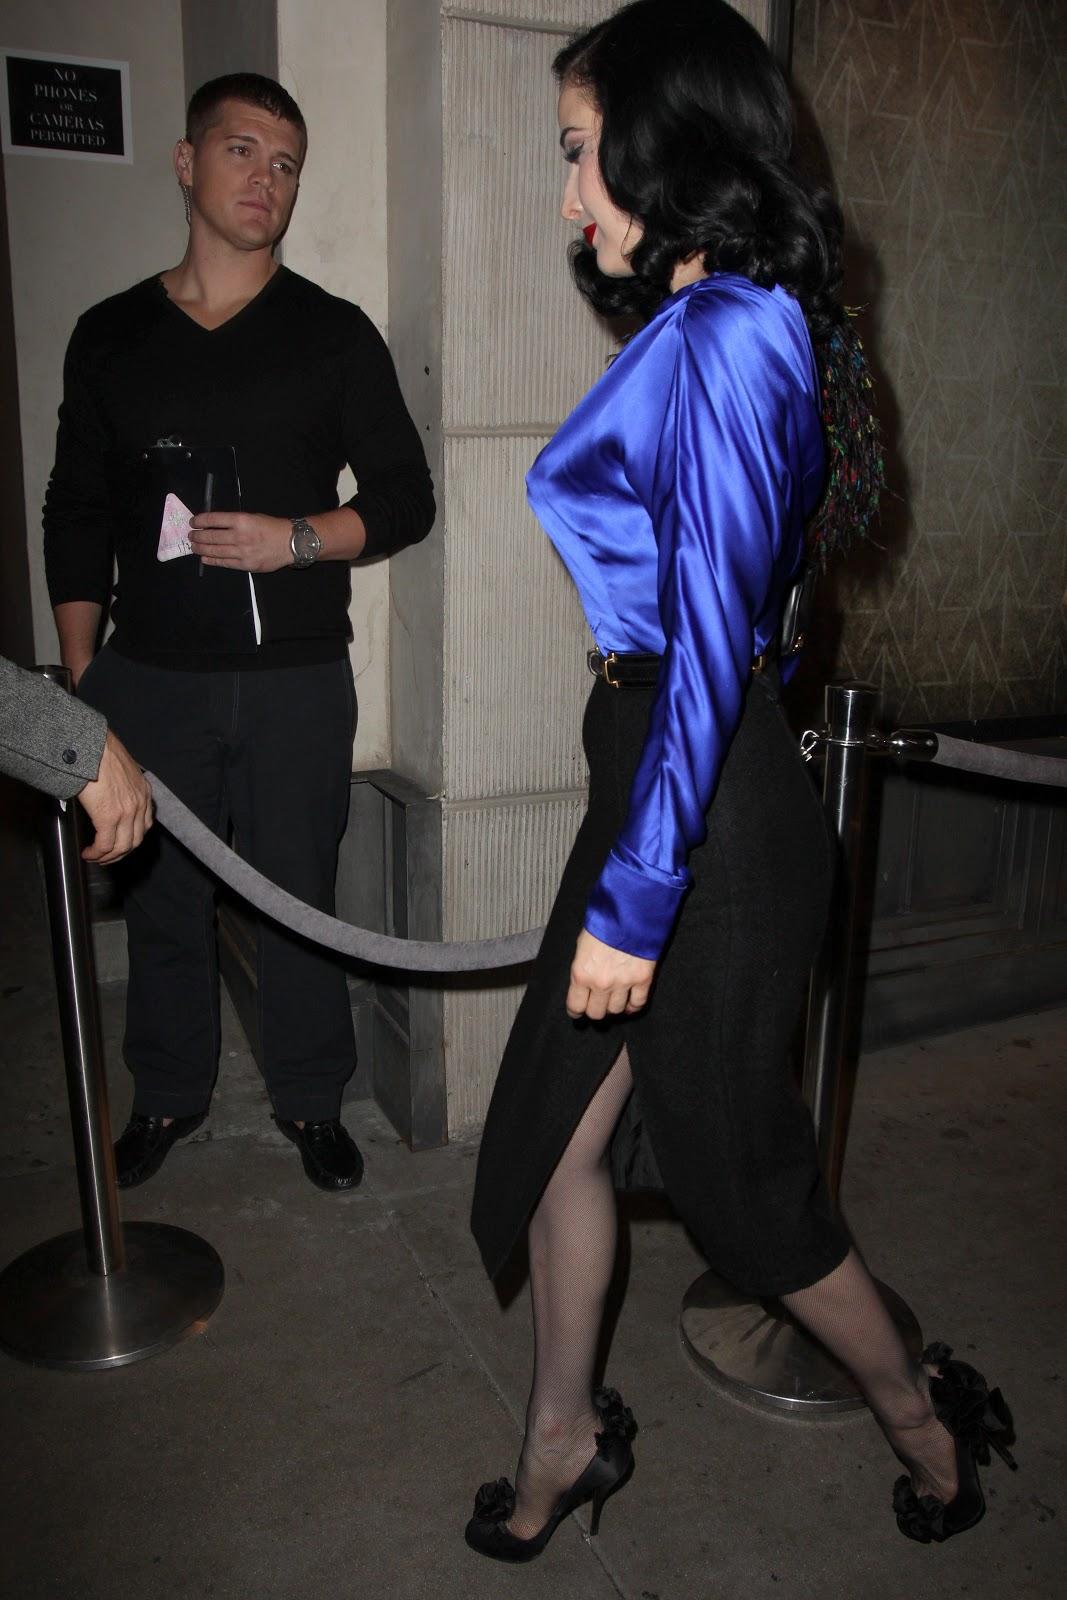 http://1.bp.blogspot.com/-98vwNI2eQnQ/UKpv8wTZ48I/AAAAAAABTOQ/iSZiXL9WXOg/s1600/celebrity-paradise.cojcy5l.jpg